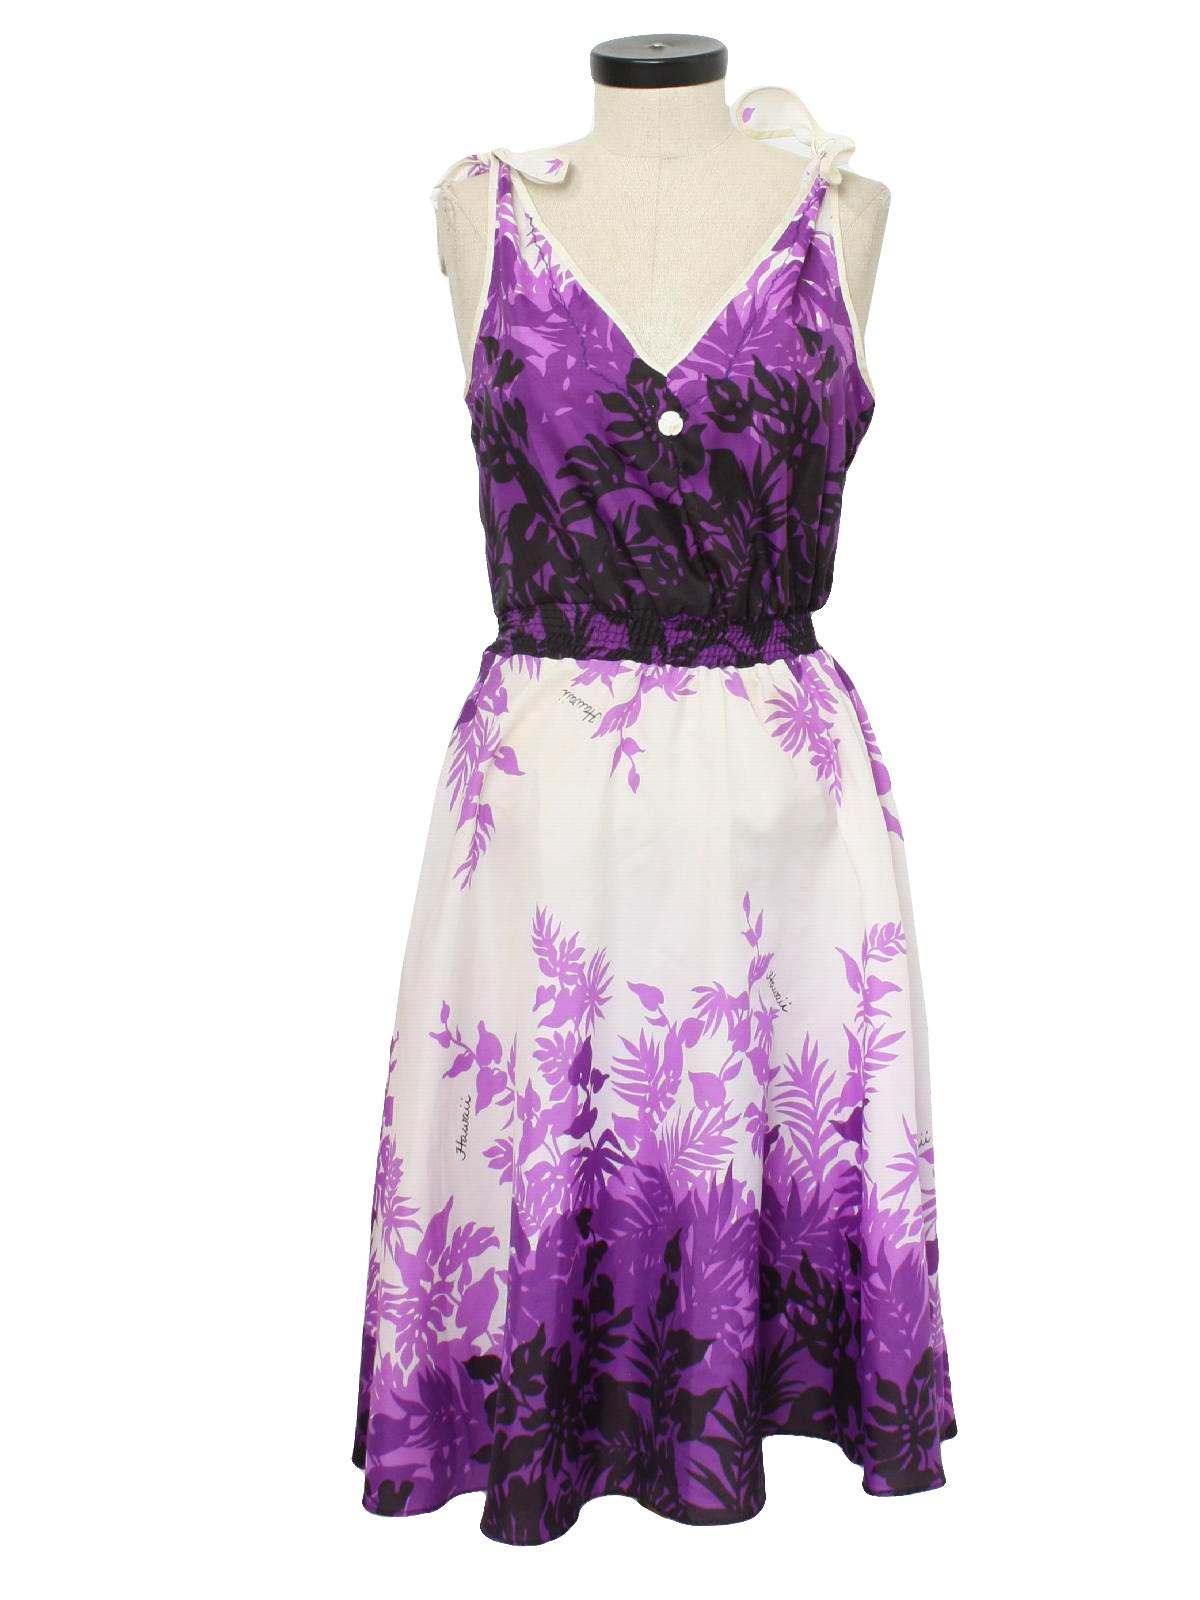 Retro 1980's Hawaiian Dress (Hawaii Creations) : 80s ... | 1200 x 1600 jpeg 157kB